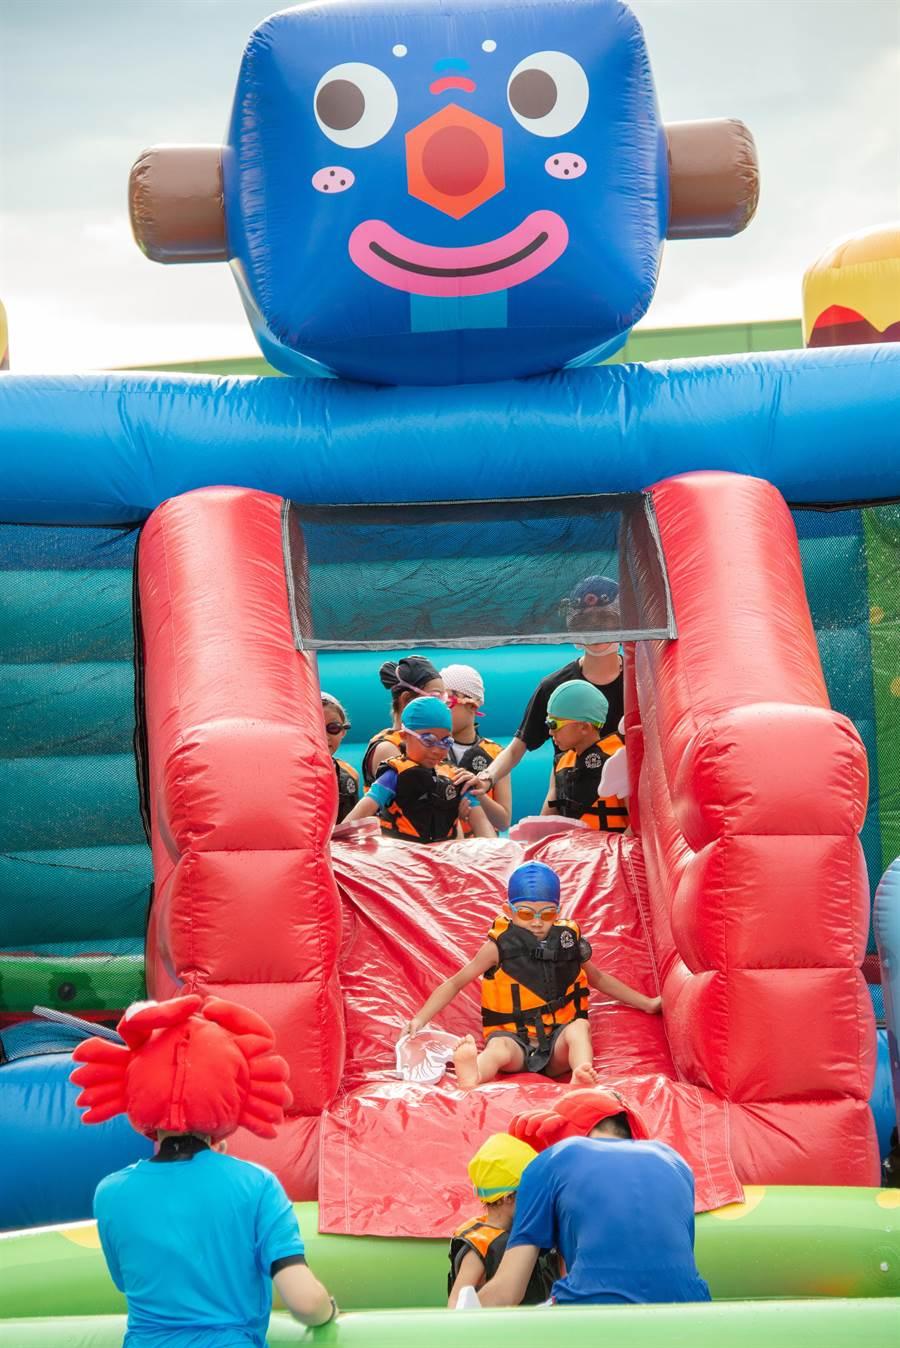 蘭城晶英酒店在親子戶外泳池推出《SEA WAR 無限之戰》,帶領小朋友進攻藍寶城堡。(圖/蘭城晶英酒店)